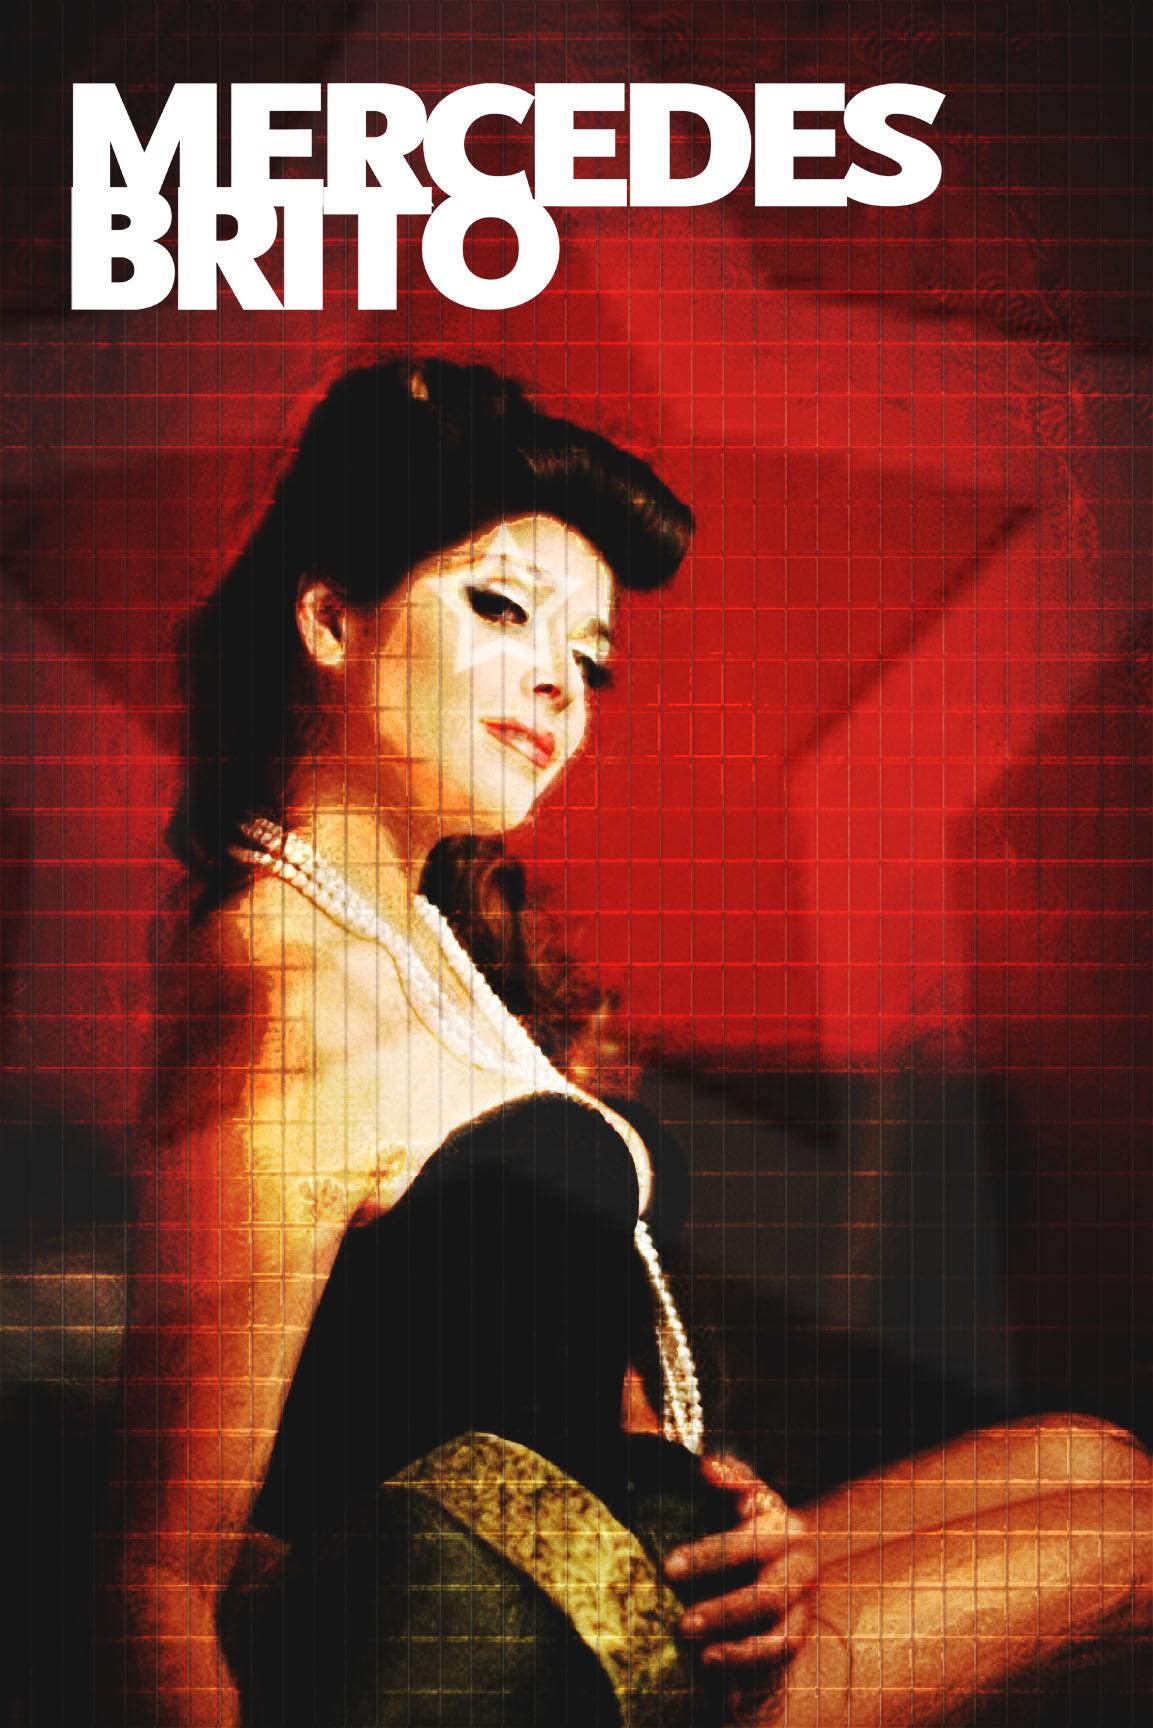 Mercedes Brito – Poster Design